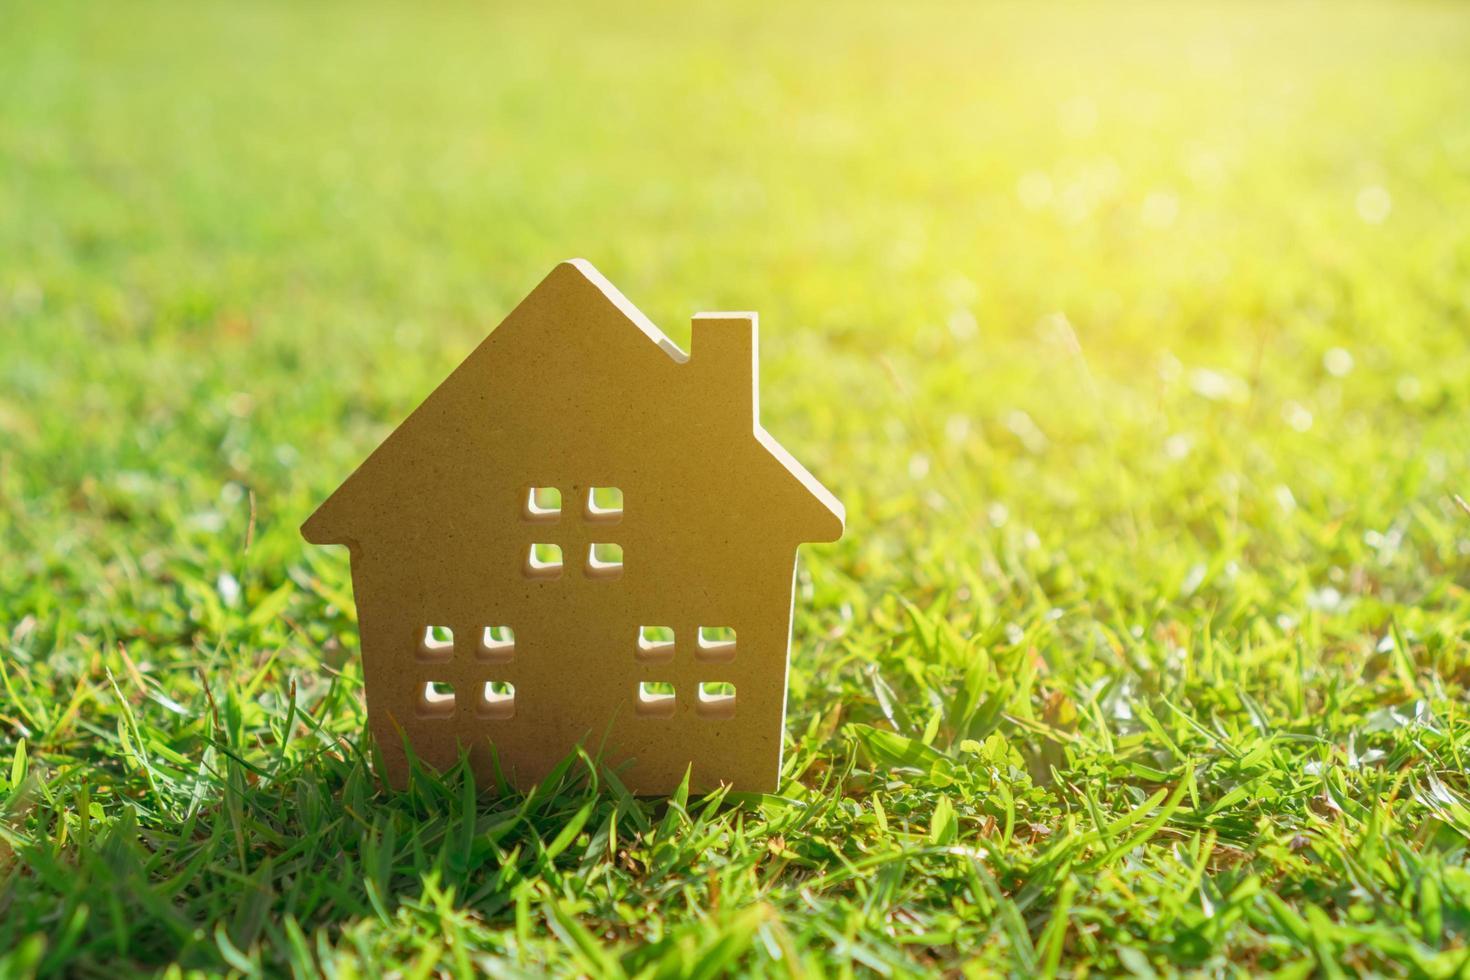 primer plano, de, casa diminuta, modelo, en, césped, con, luz del sol, plano de fondo foto